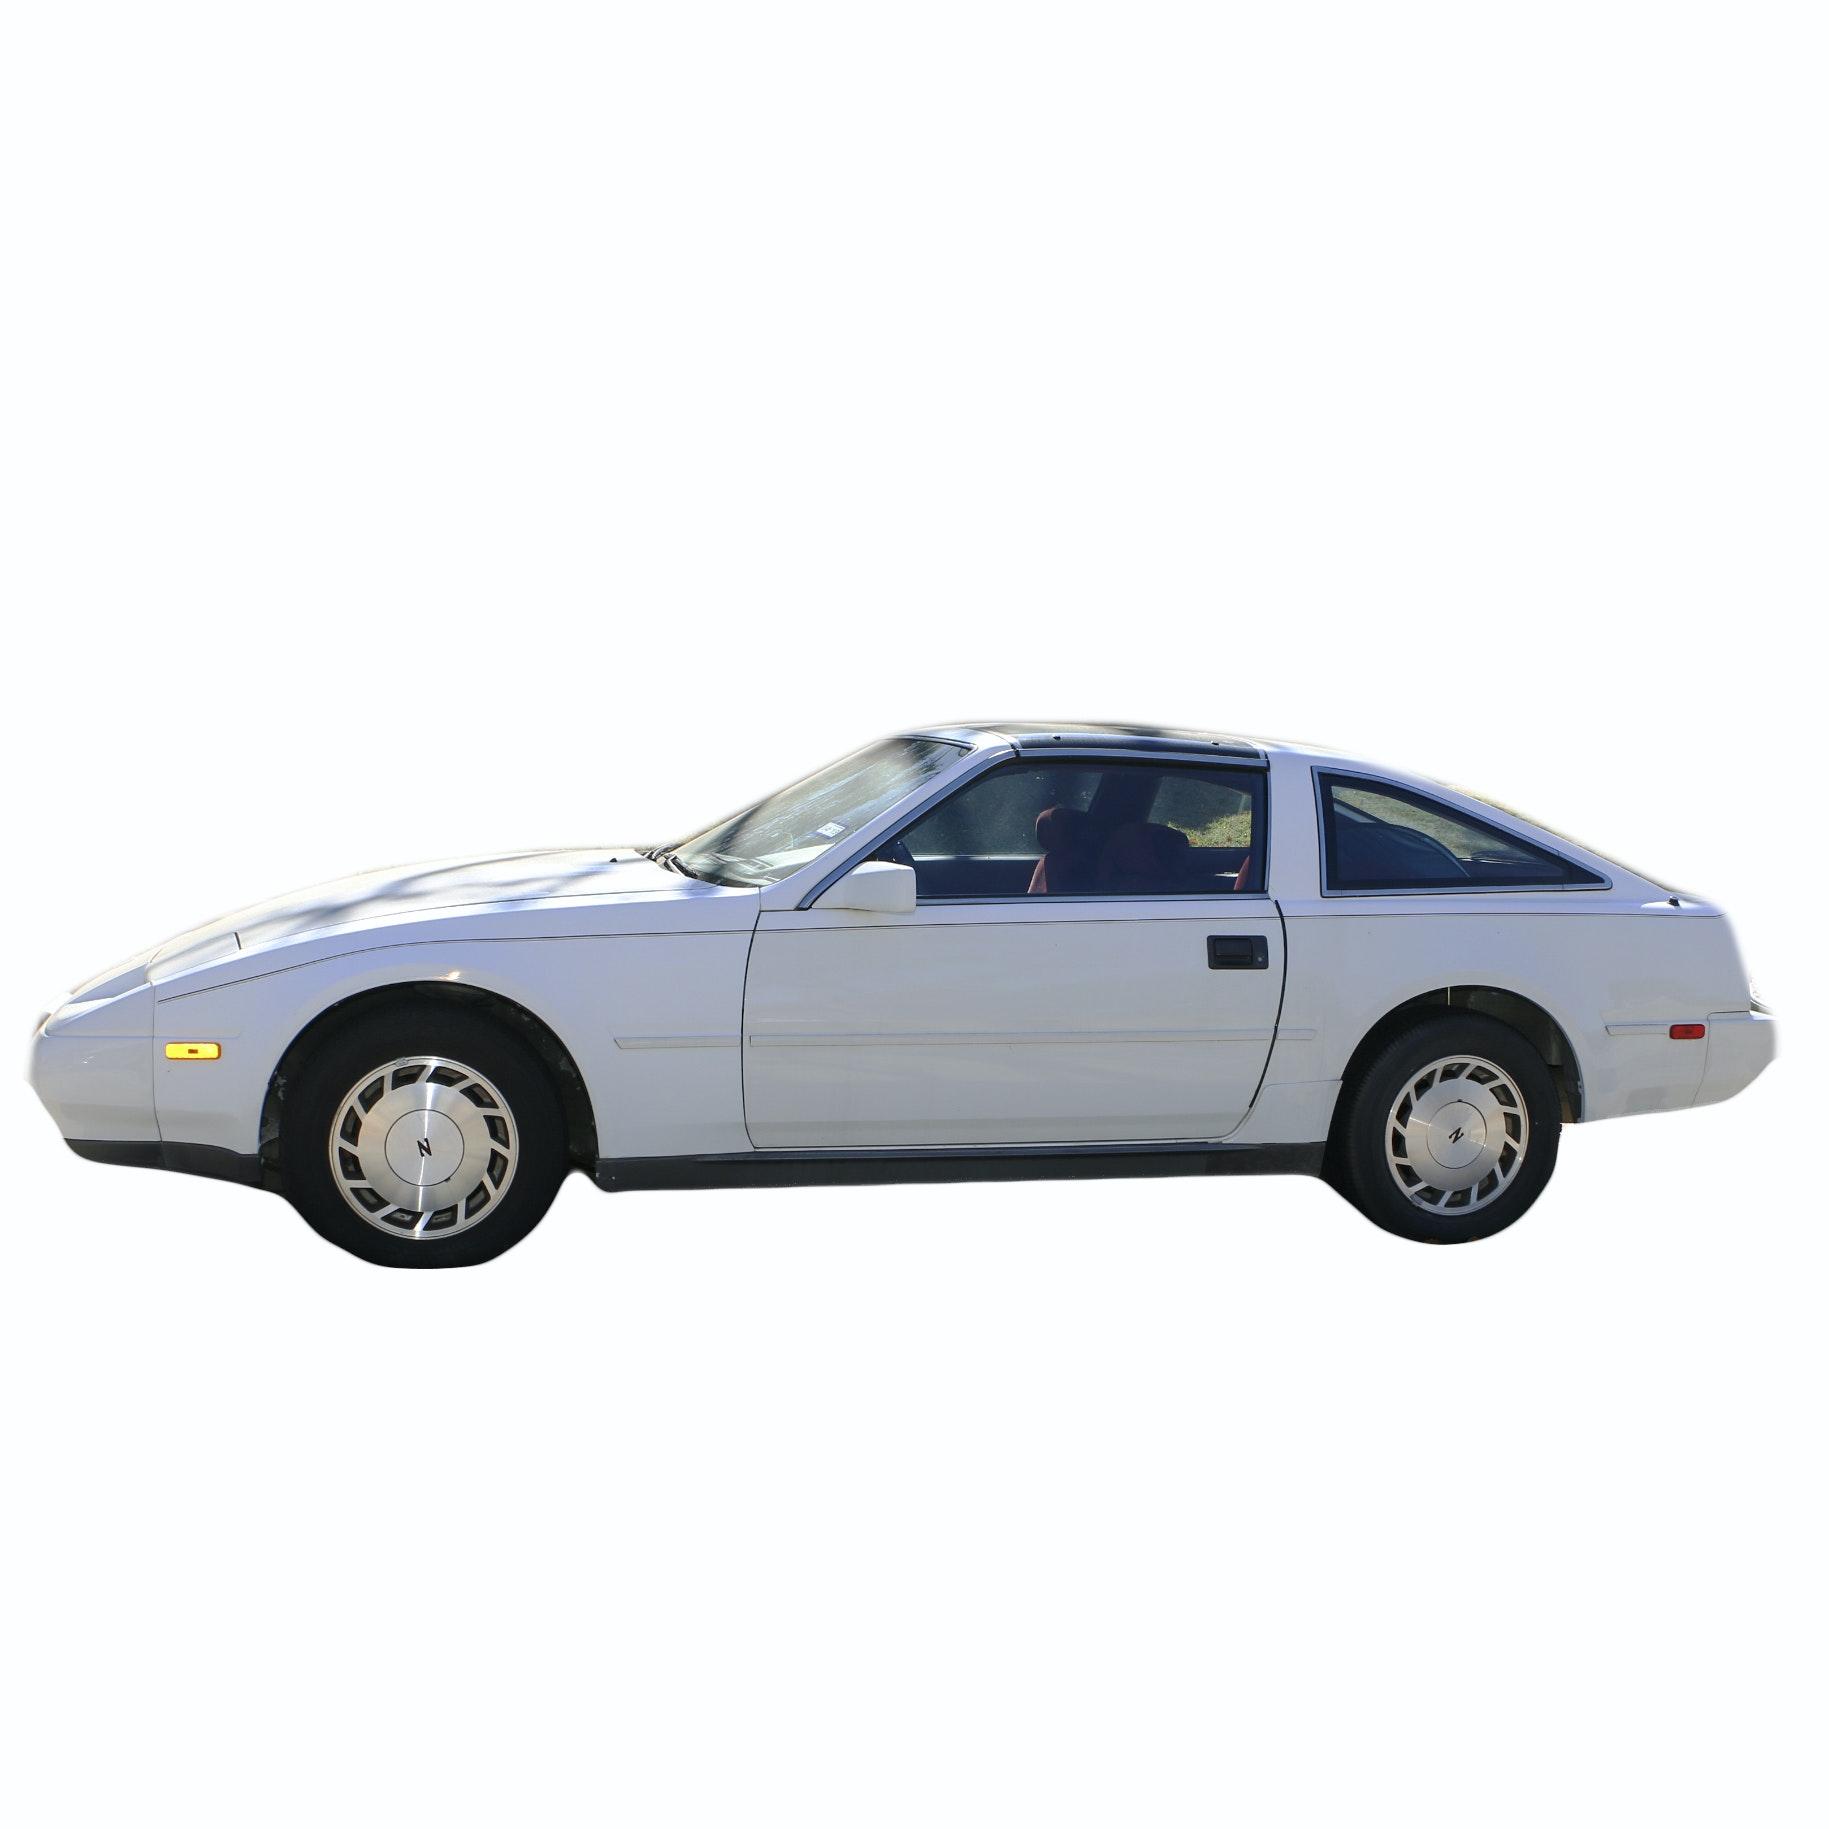 1987 Nissan 300ZX 2-Door Hatchback